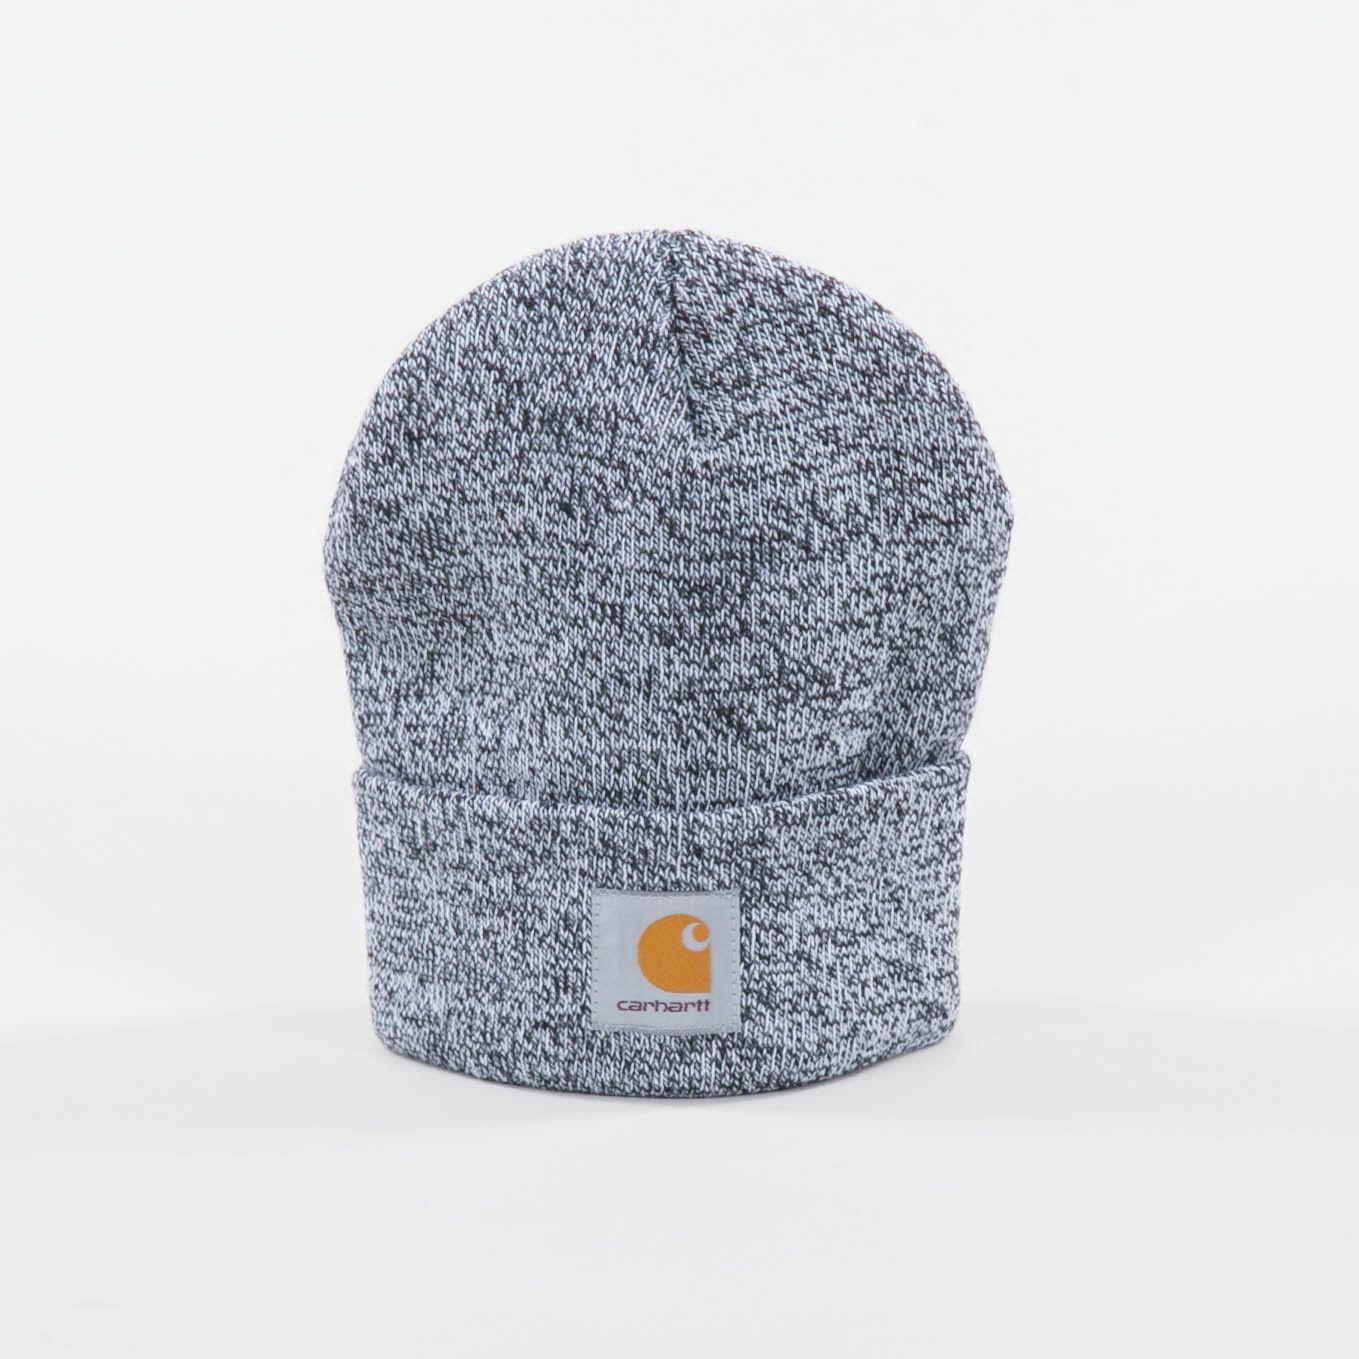 9d1b85ac5c58b Carhartt WIP - Scott Watch Hat